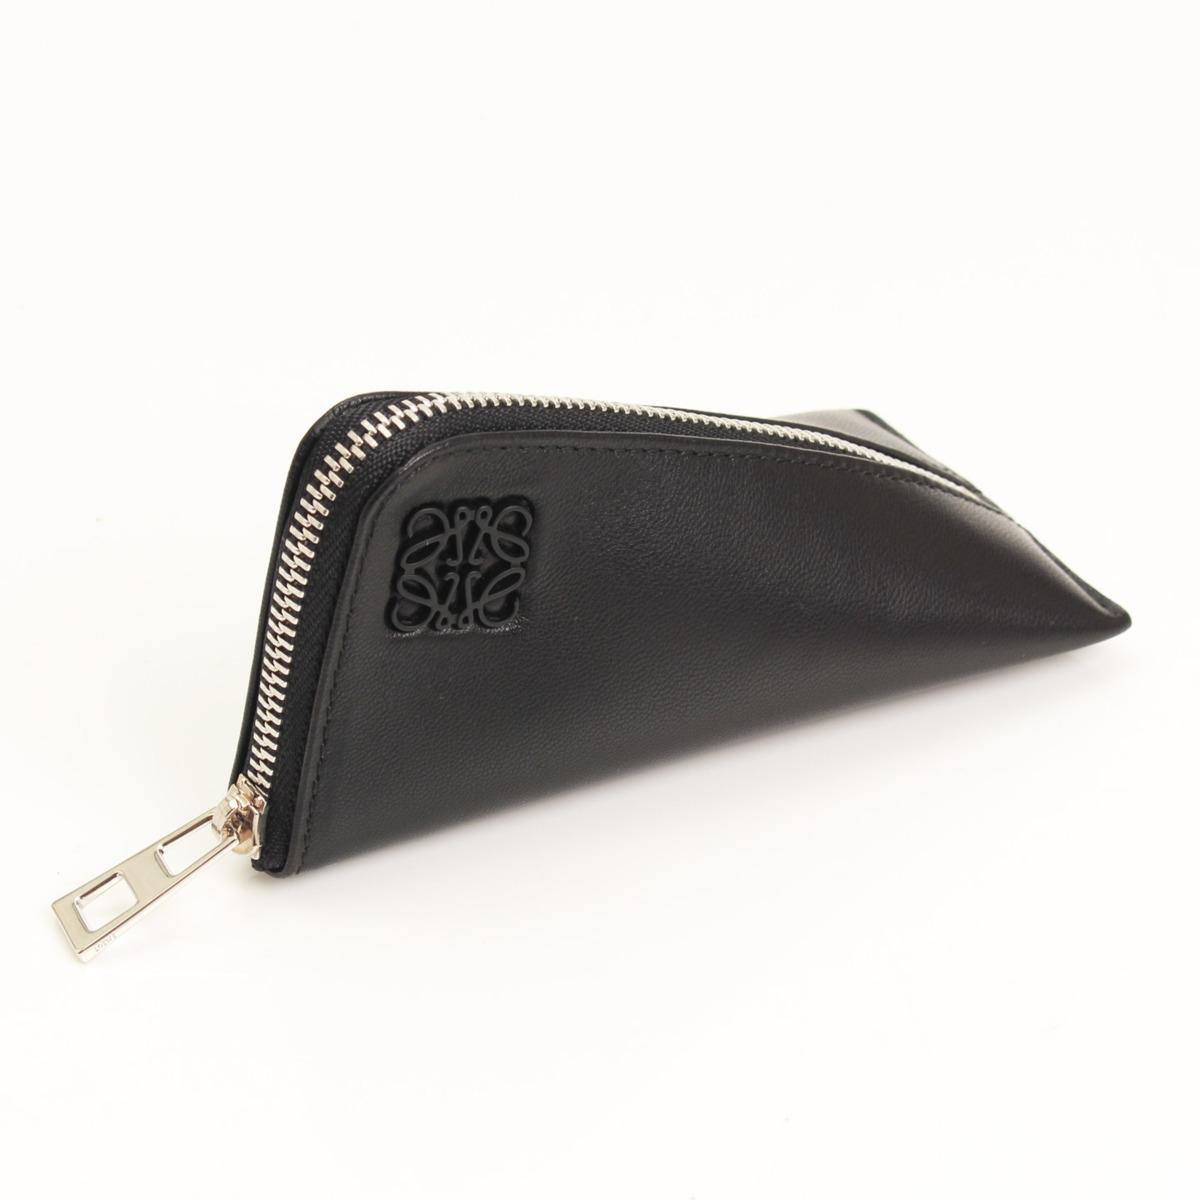 【ロエベ】Loewe ナッパレザー Z Purse コインケース ブラック 【中古】【鑑定済・正規品保証】【送料無料】17273